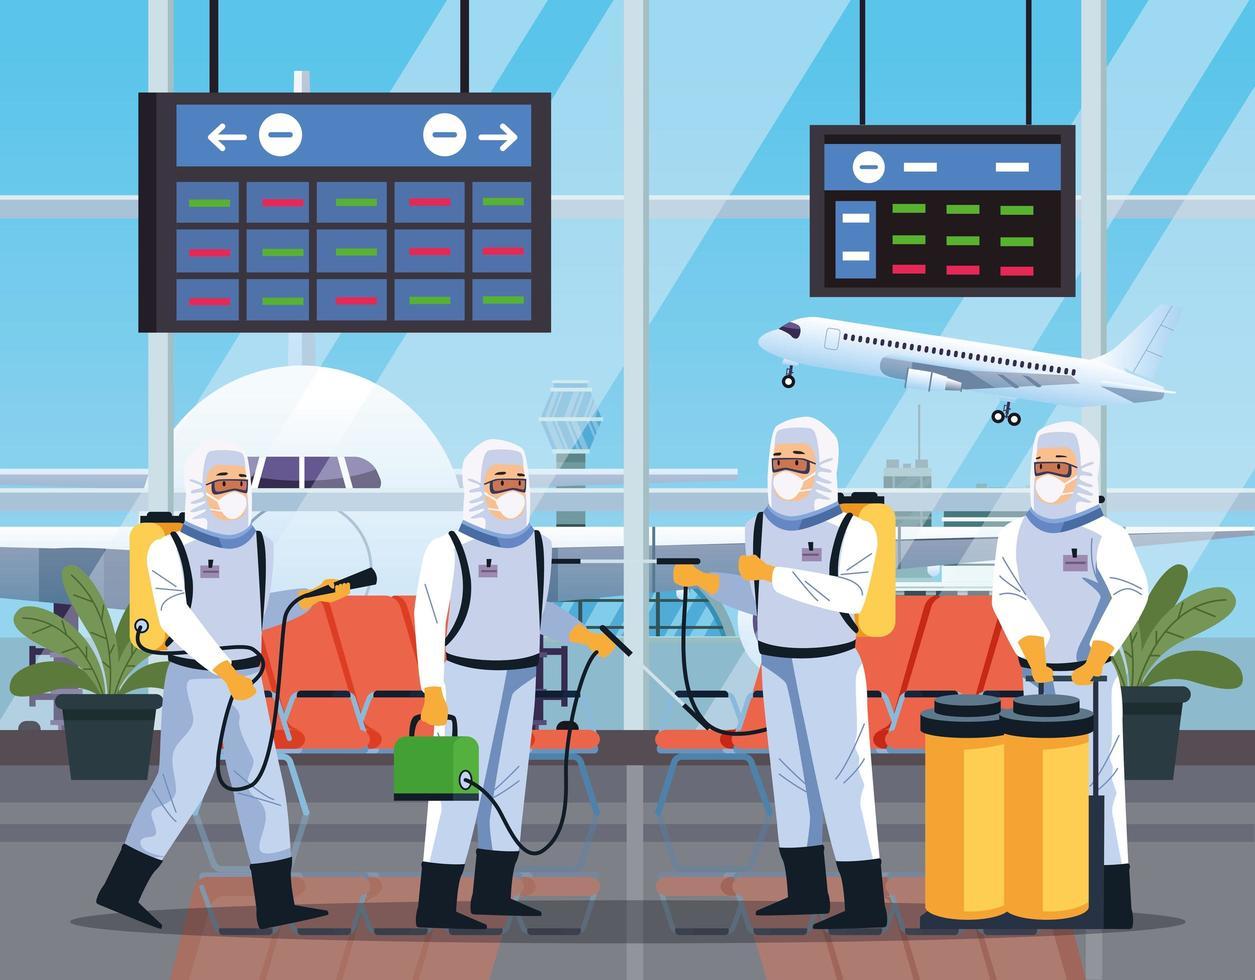 grupo de trabalhadores de biossegurança desinfeta aeroporto vetor